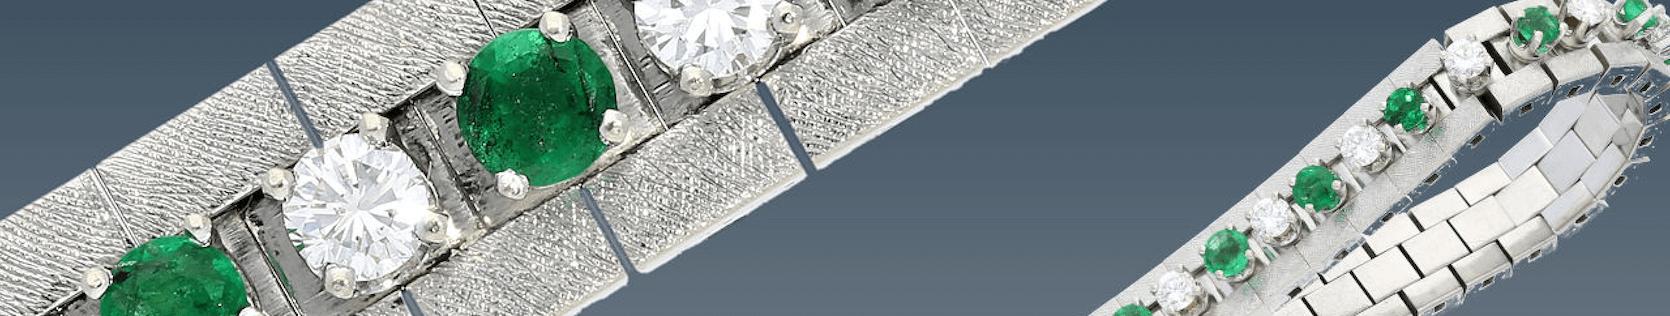 Антикварные браслеты